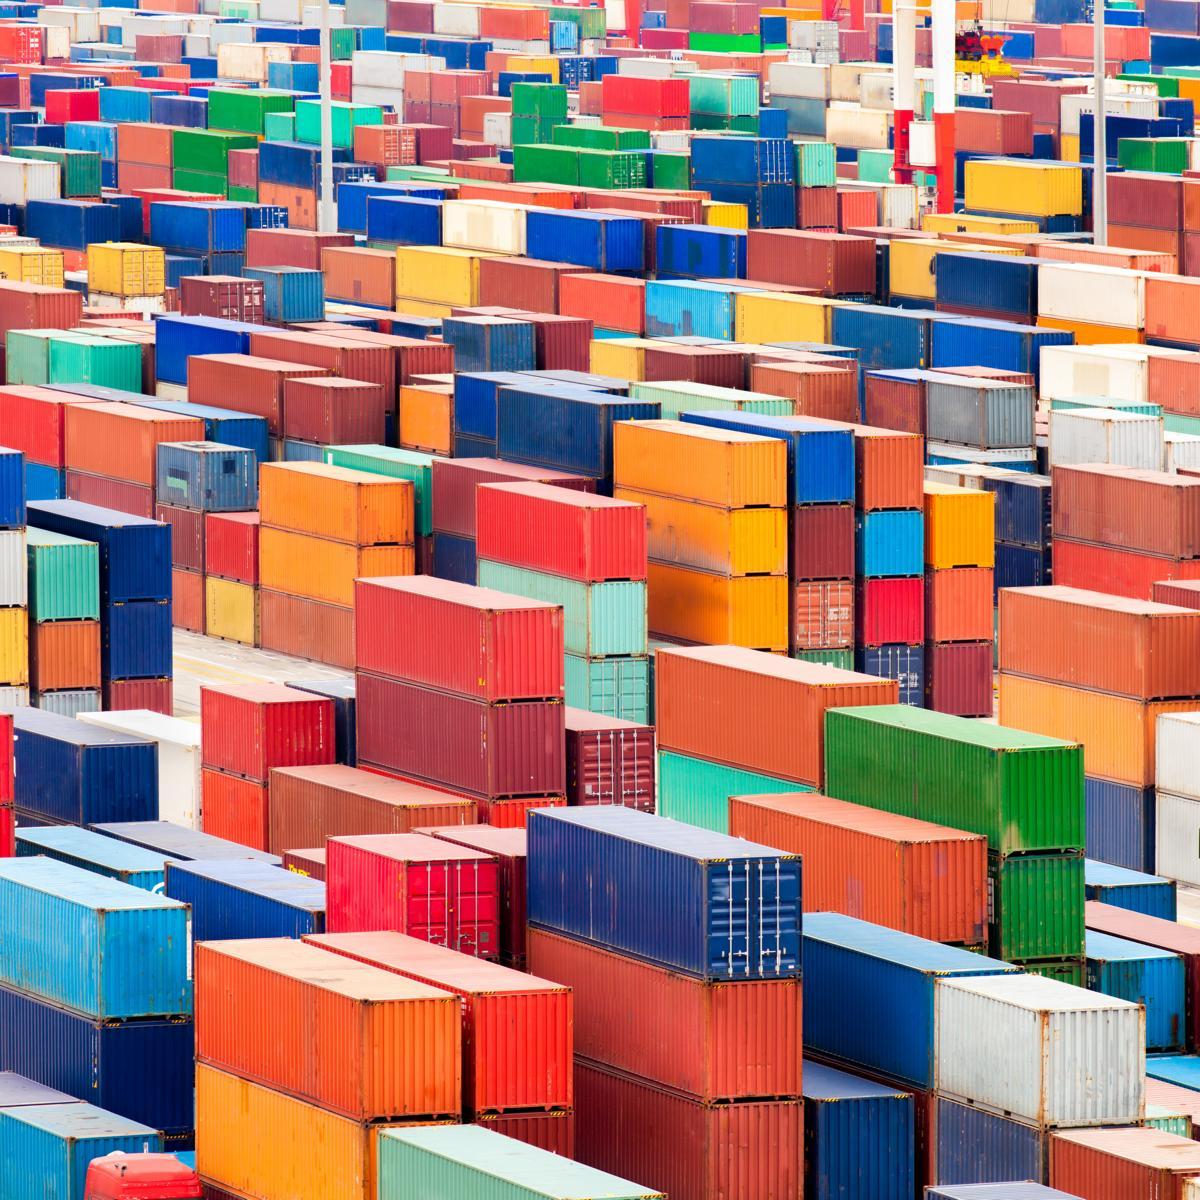 Ein Verladehafen mit bunten Containern.